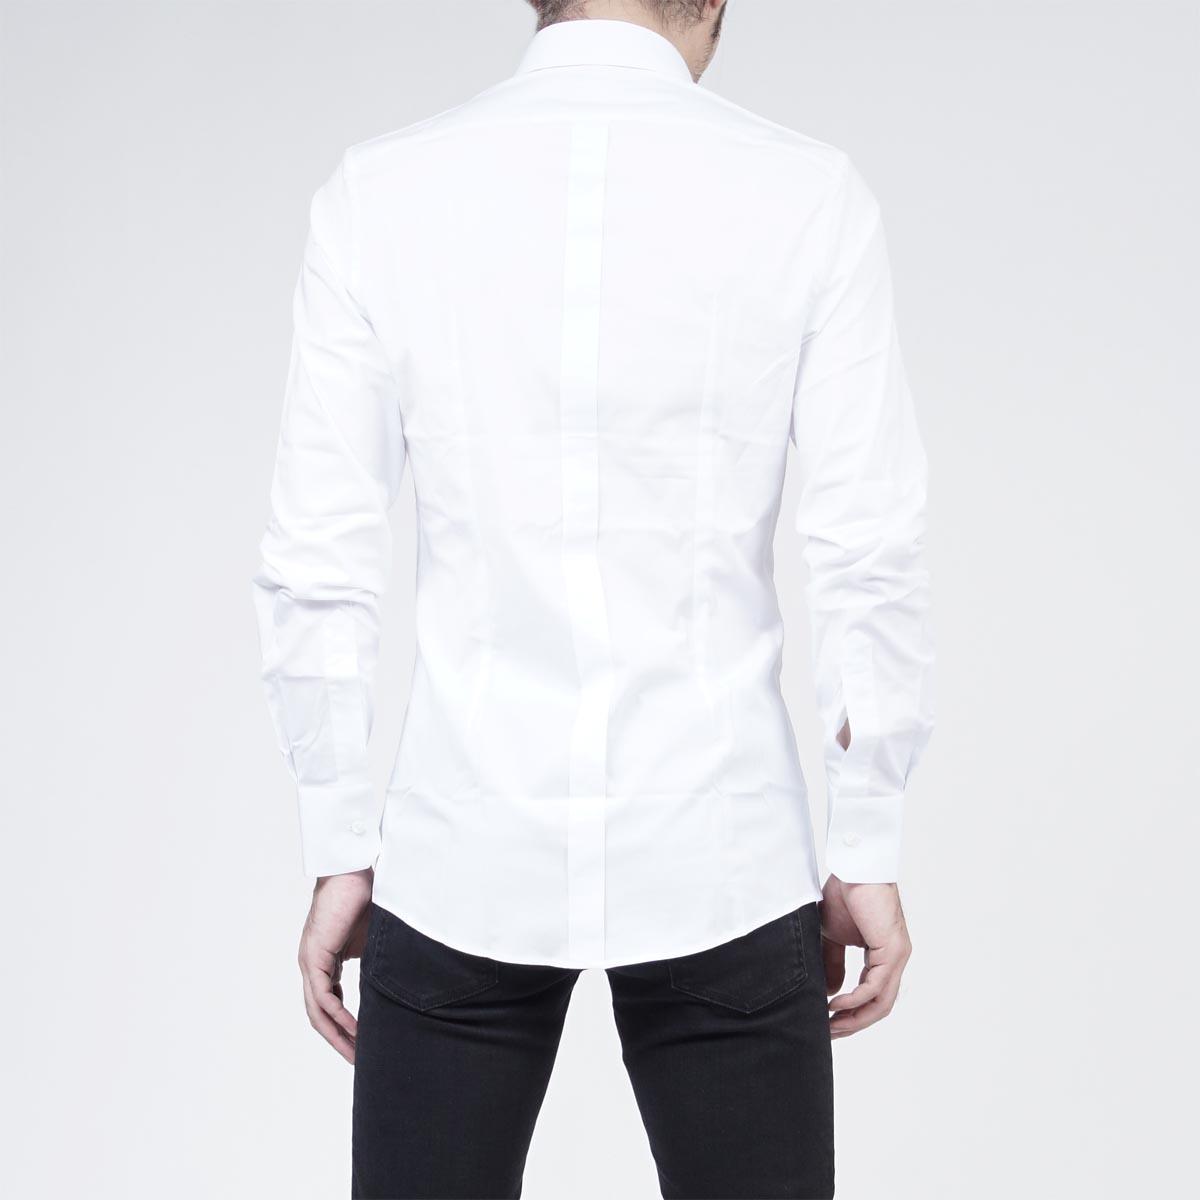 优美&gabbana DOLCE&GABBANA常规彩色衬衫衬衫GOLD黄金白白派g5dy4t fueaj w0800人